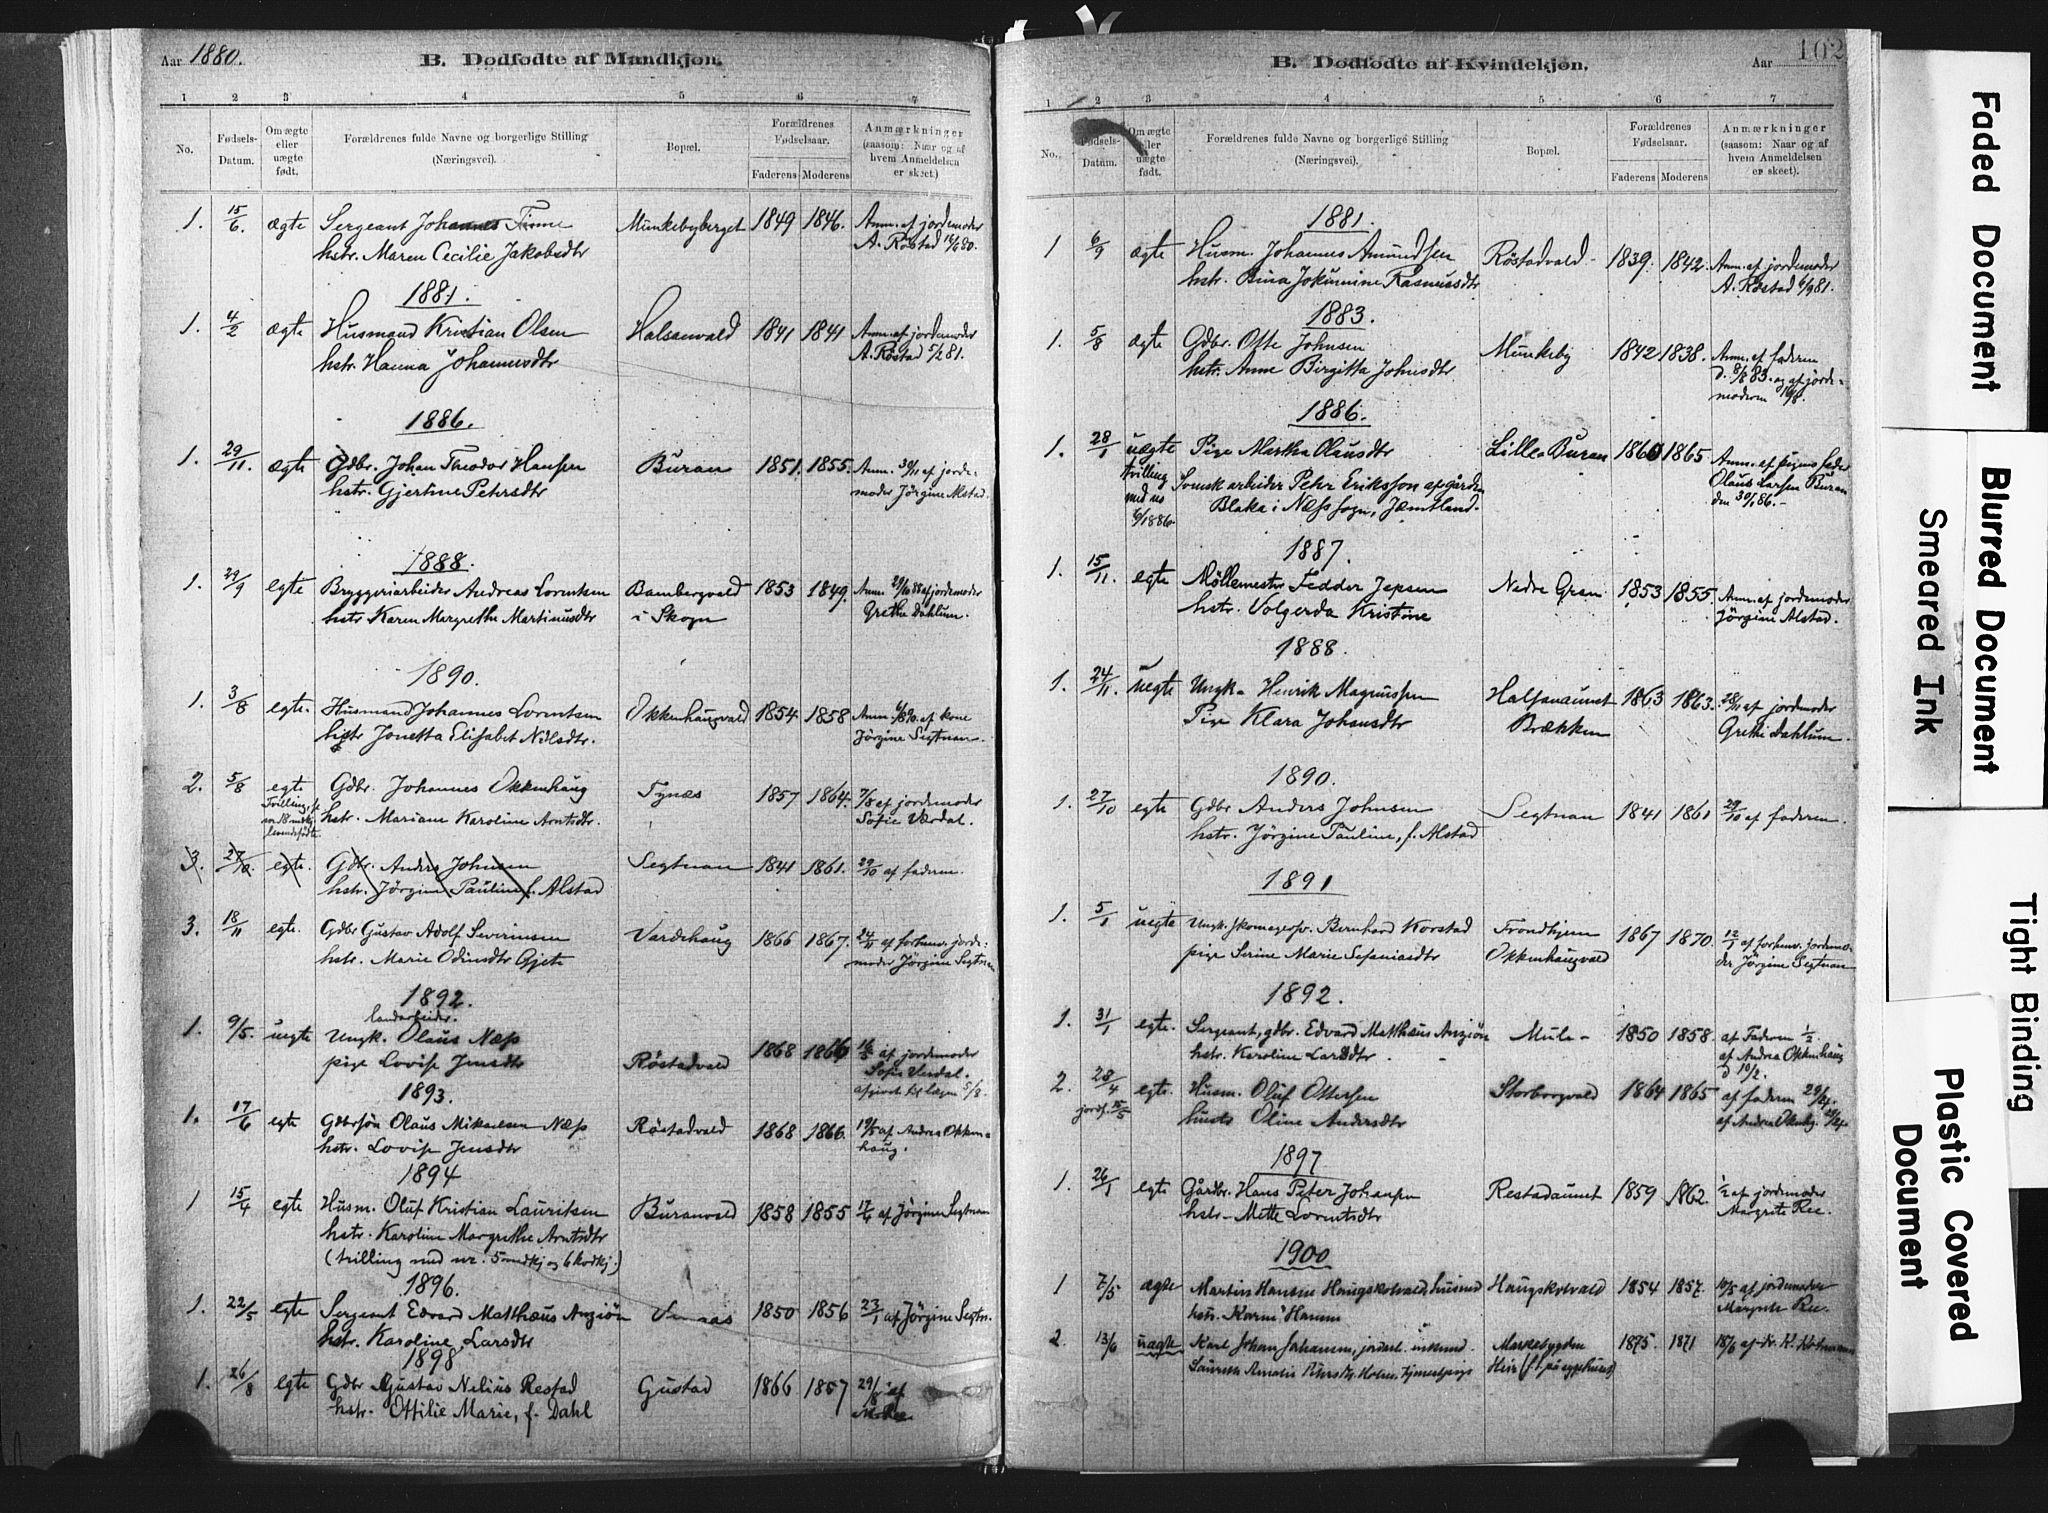 SAT, Ministerialprotokoller, klokkerbøker og fødselsregistre - Nord-Trøndelag, 721/L0207: Ministerialbok nr. 721A02, 1880-1911, s. 102